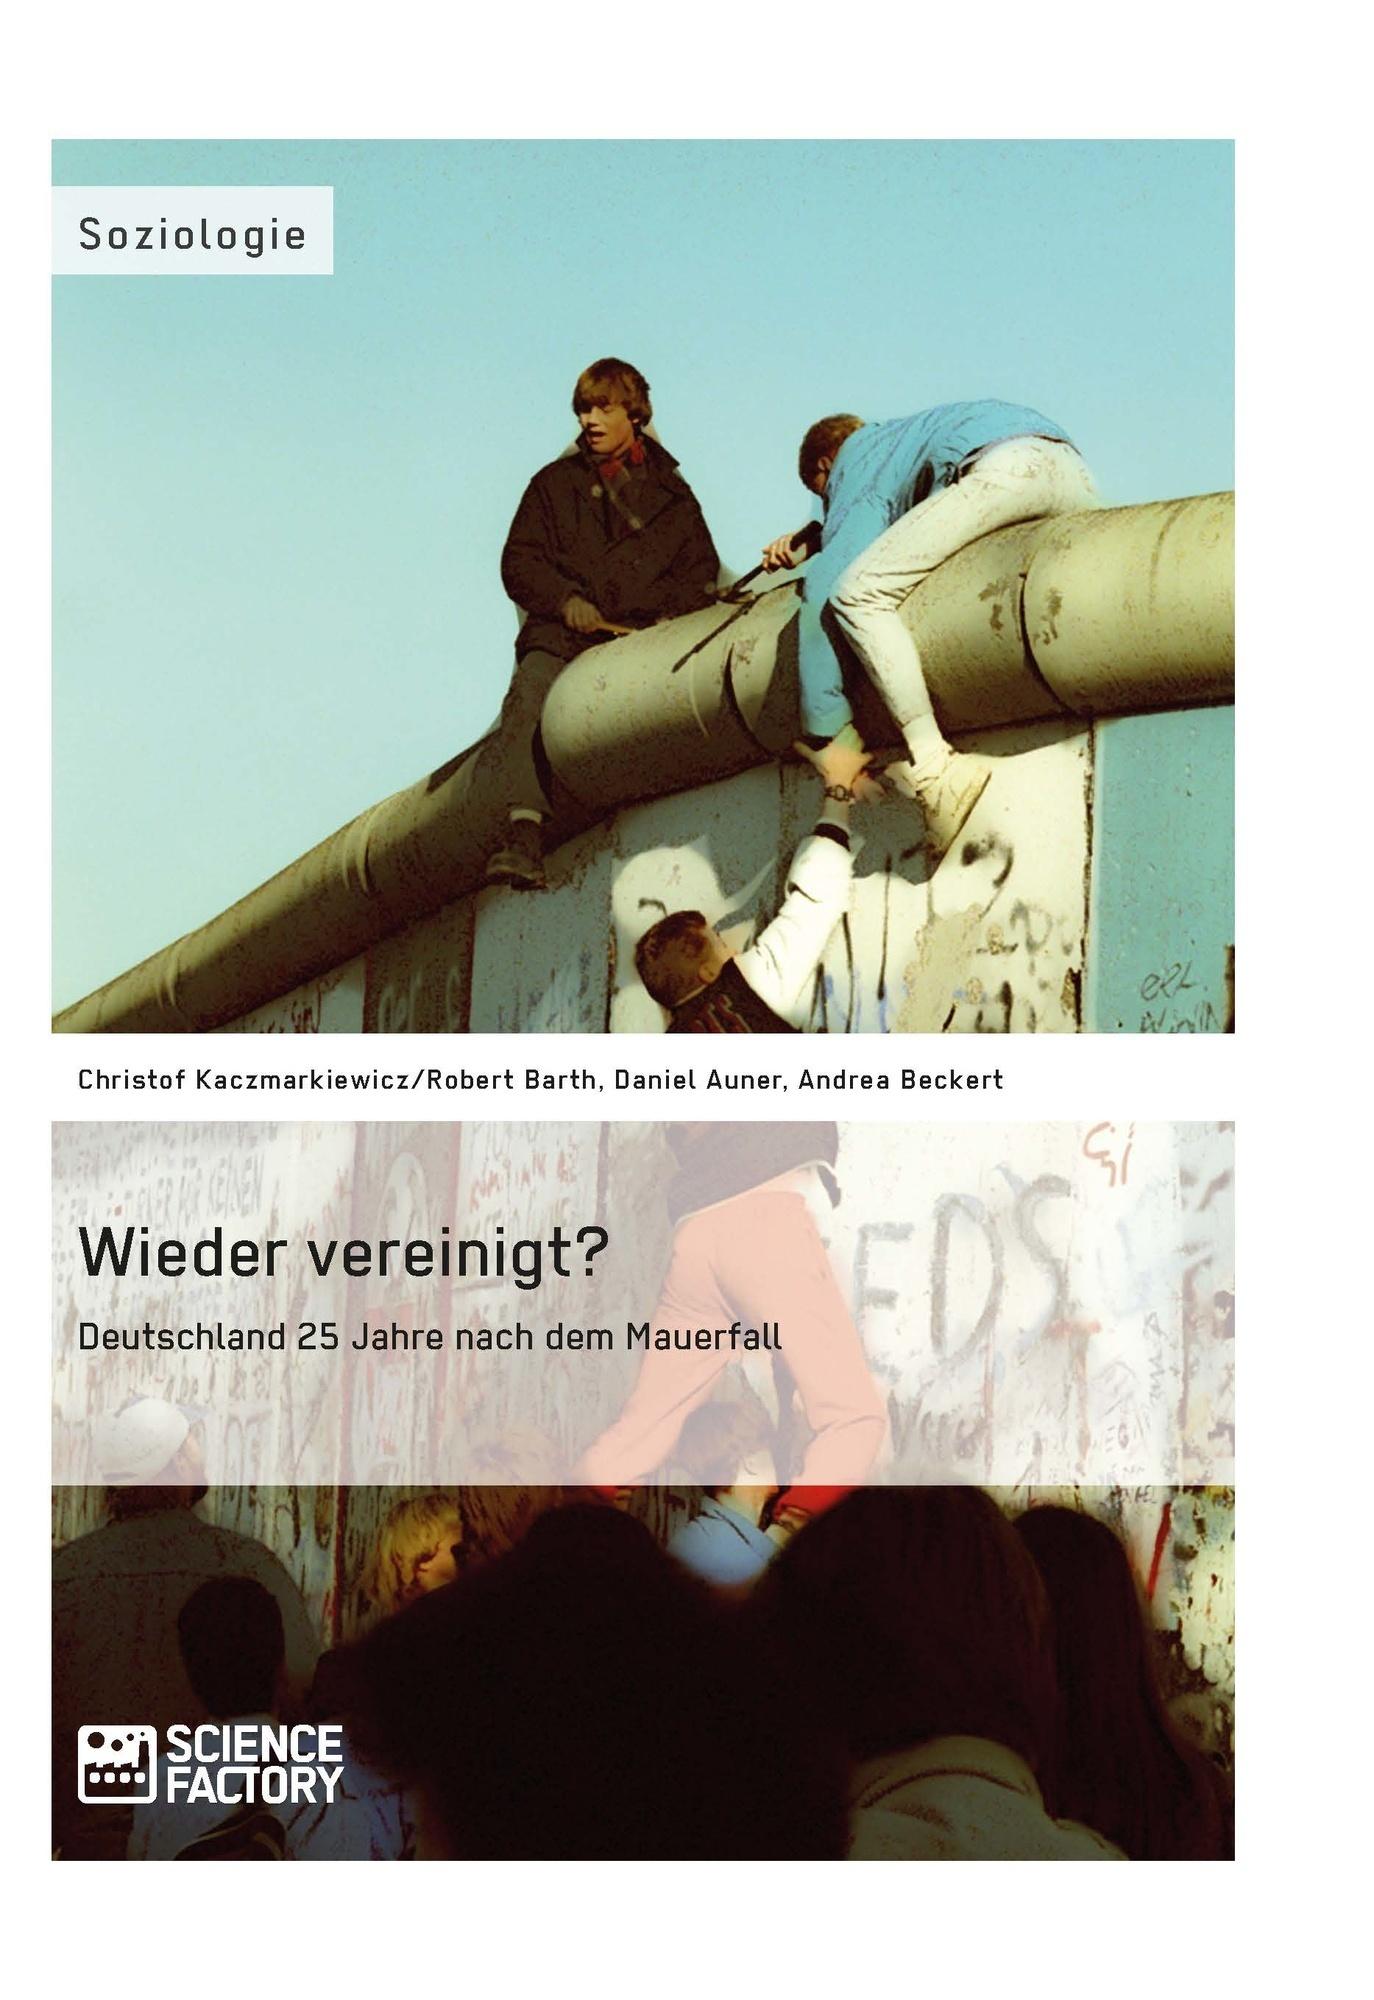 Titel: Wieder vereinigt? Deutschland 25 Jahre nach dem Mauerfall